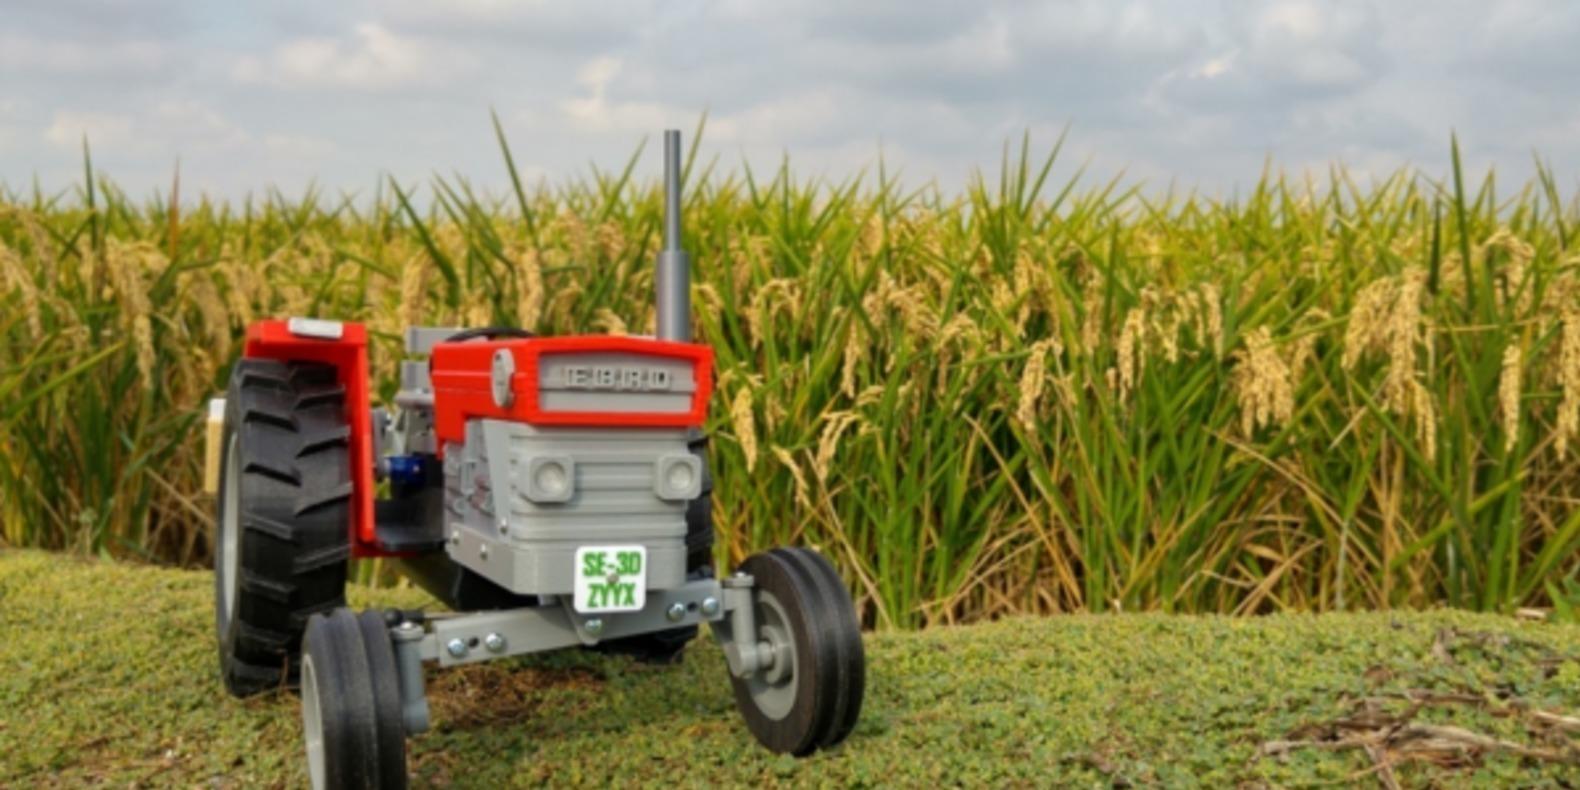 Tracteur-imprimé-en-3D-fichier-3D-cults-openRC-tractor-3.png